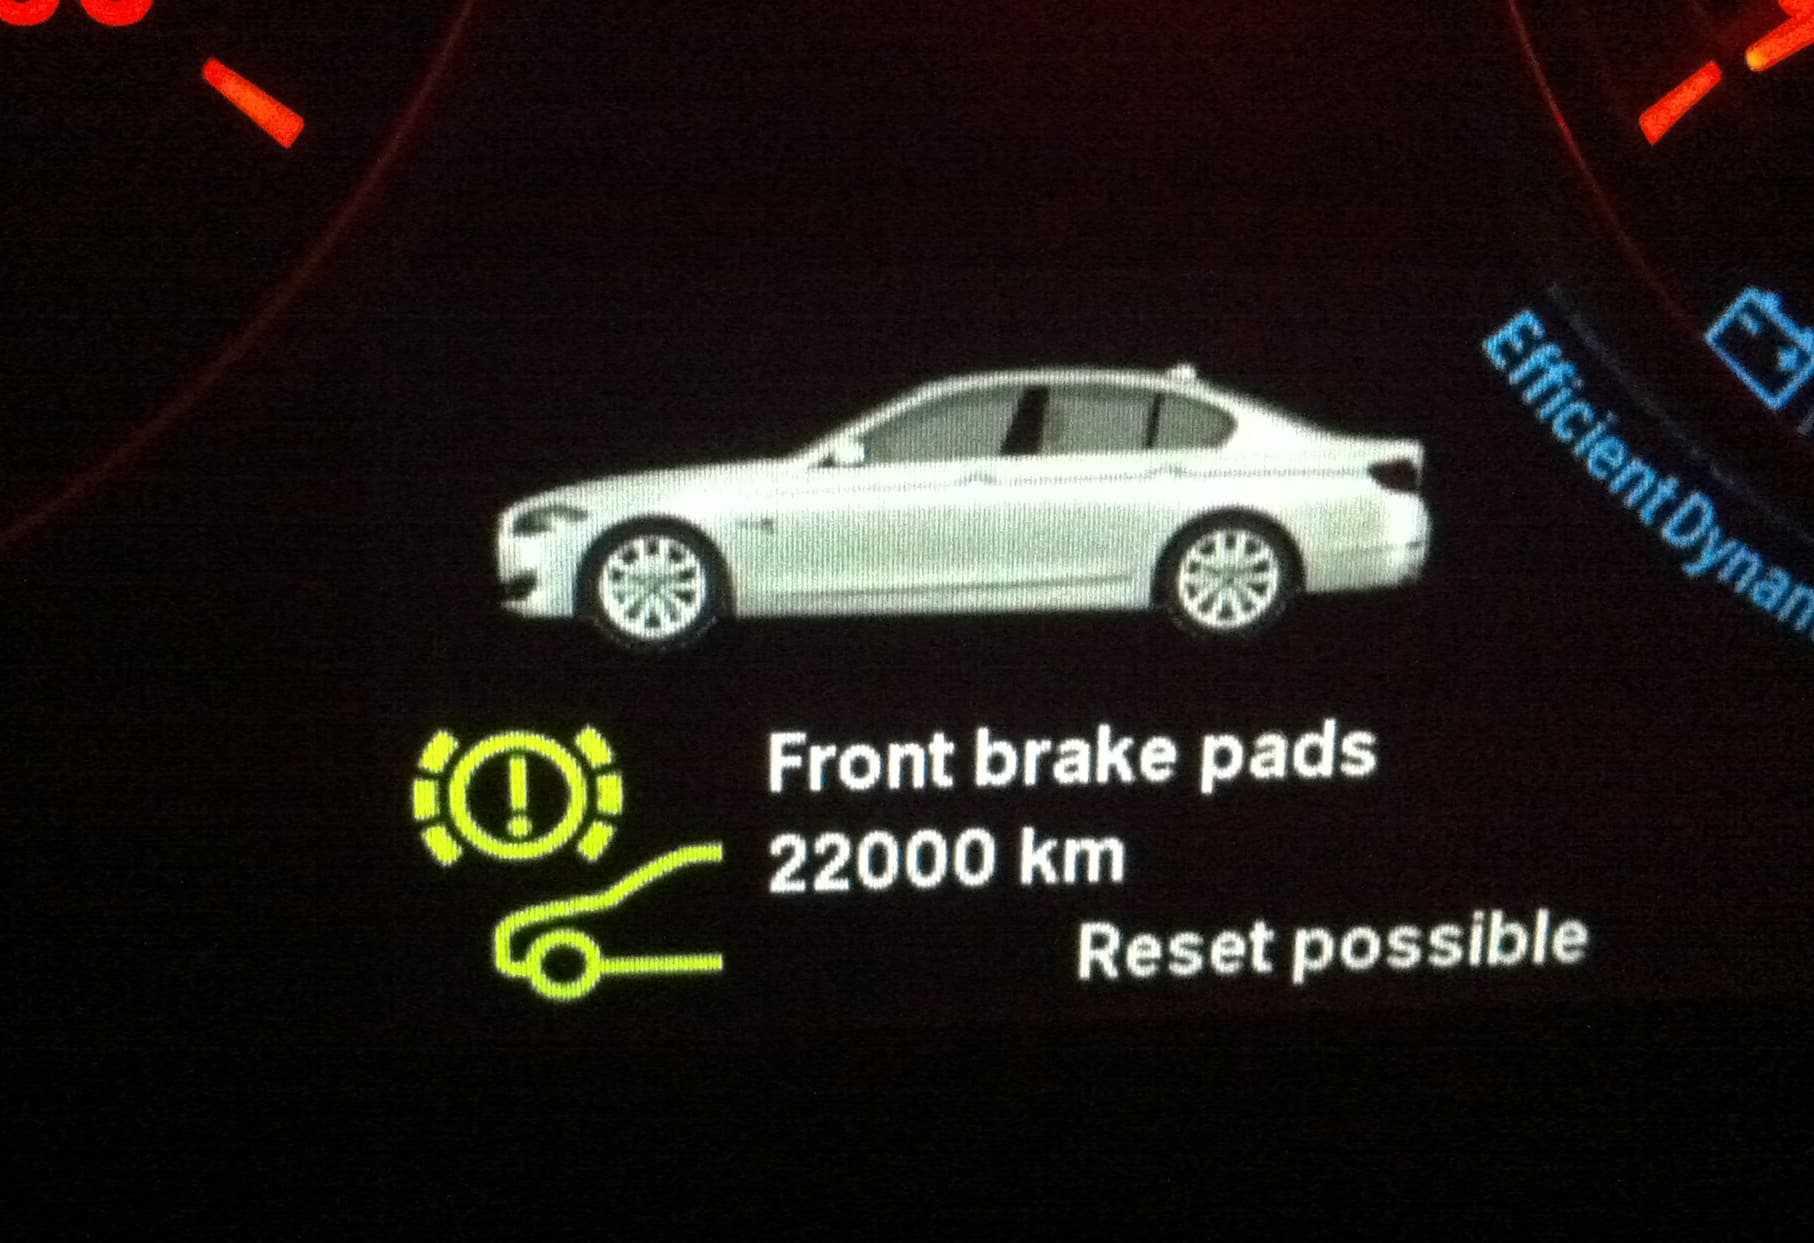 Сброс сервисного интервала BMW - Блог BMWодов